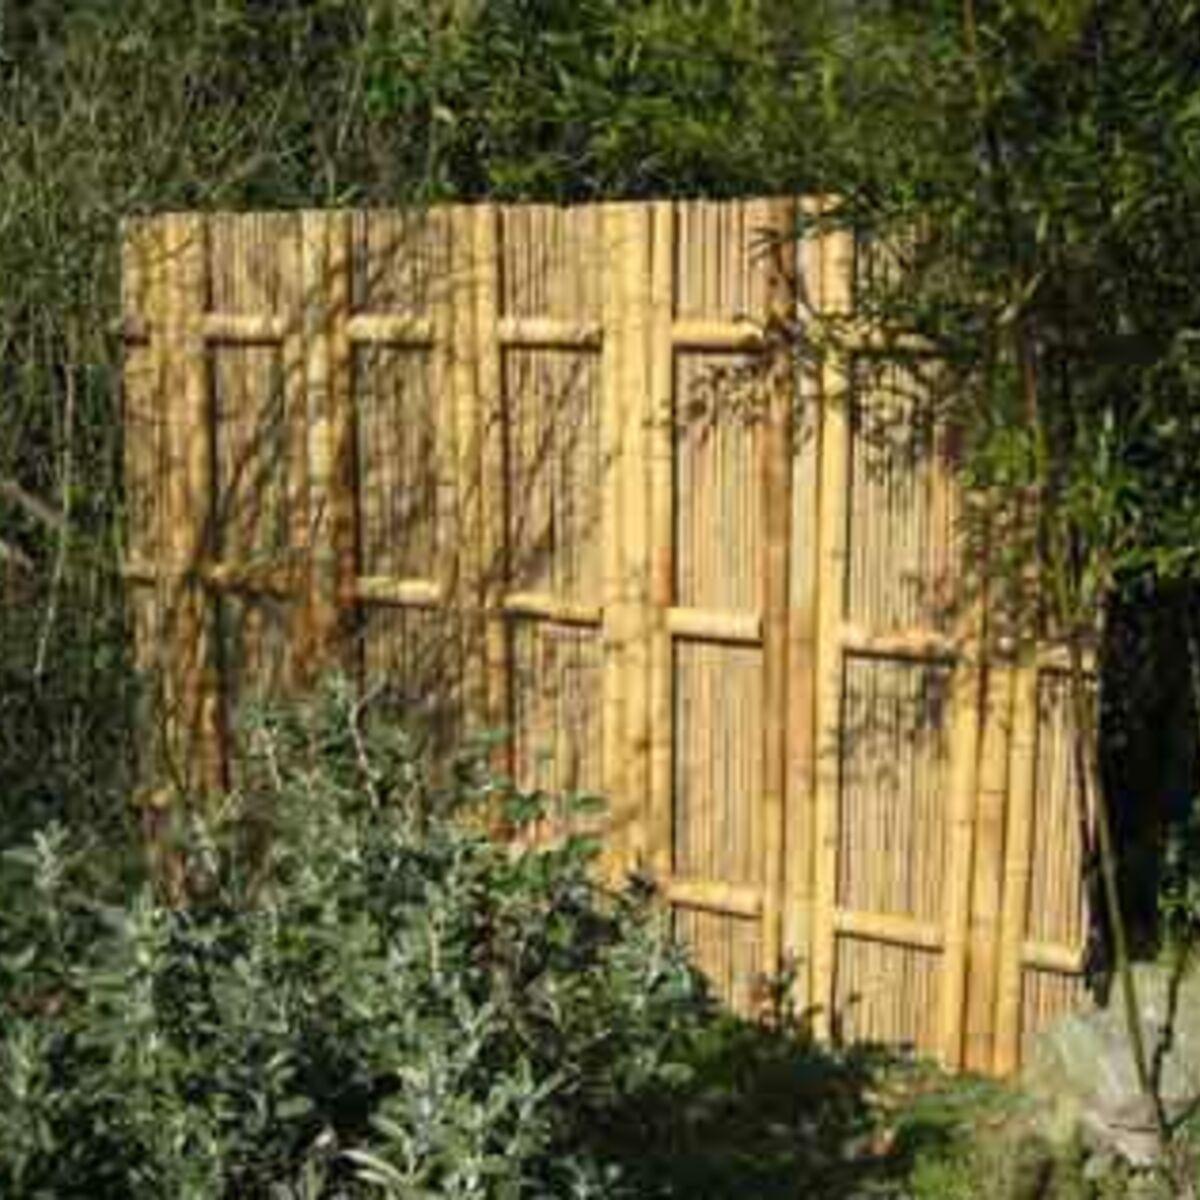 Comment Se Débarrasser Des Bambous Dans Le Jardin les écrans d'occultation de jardin : femme actuelle le mag